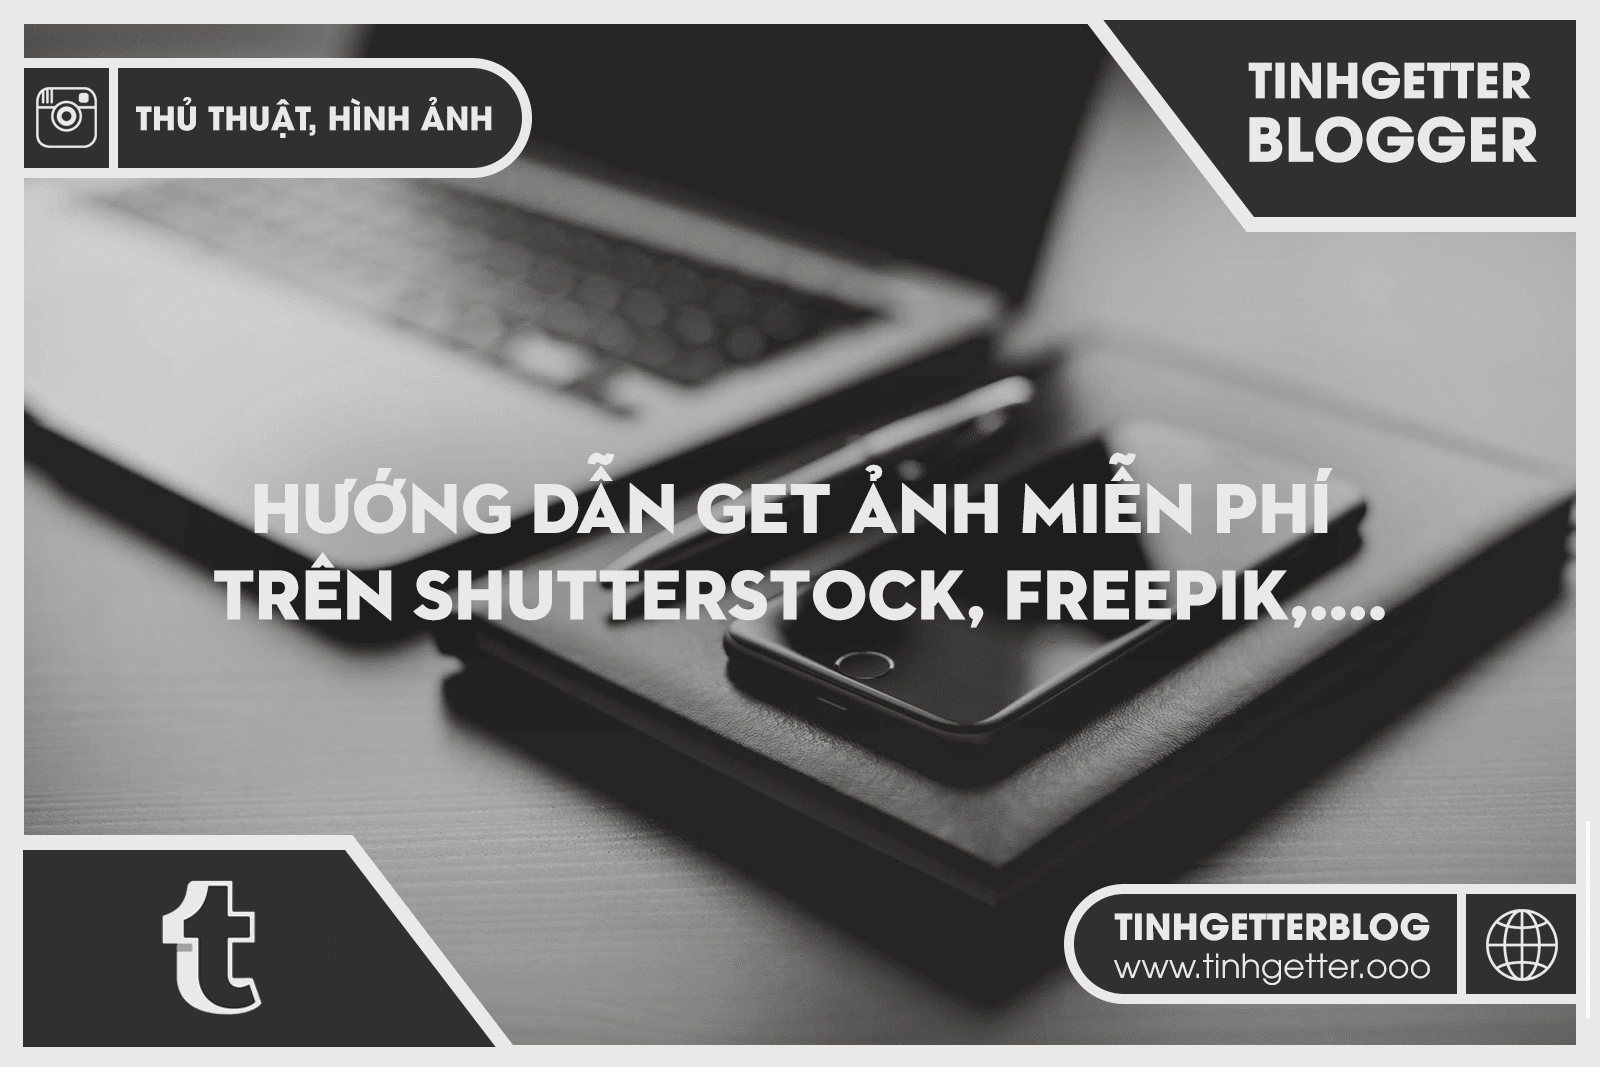 Hướng dẫn get ảnh miễn phí trên Shutterstock, Freepik